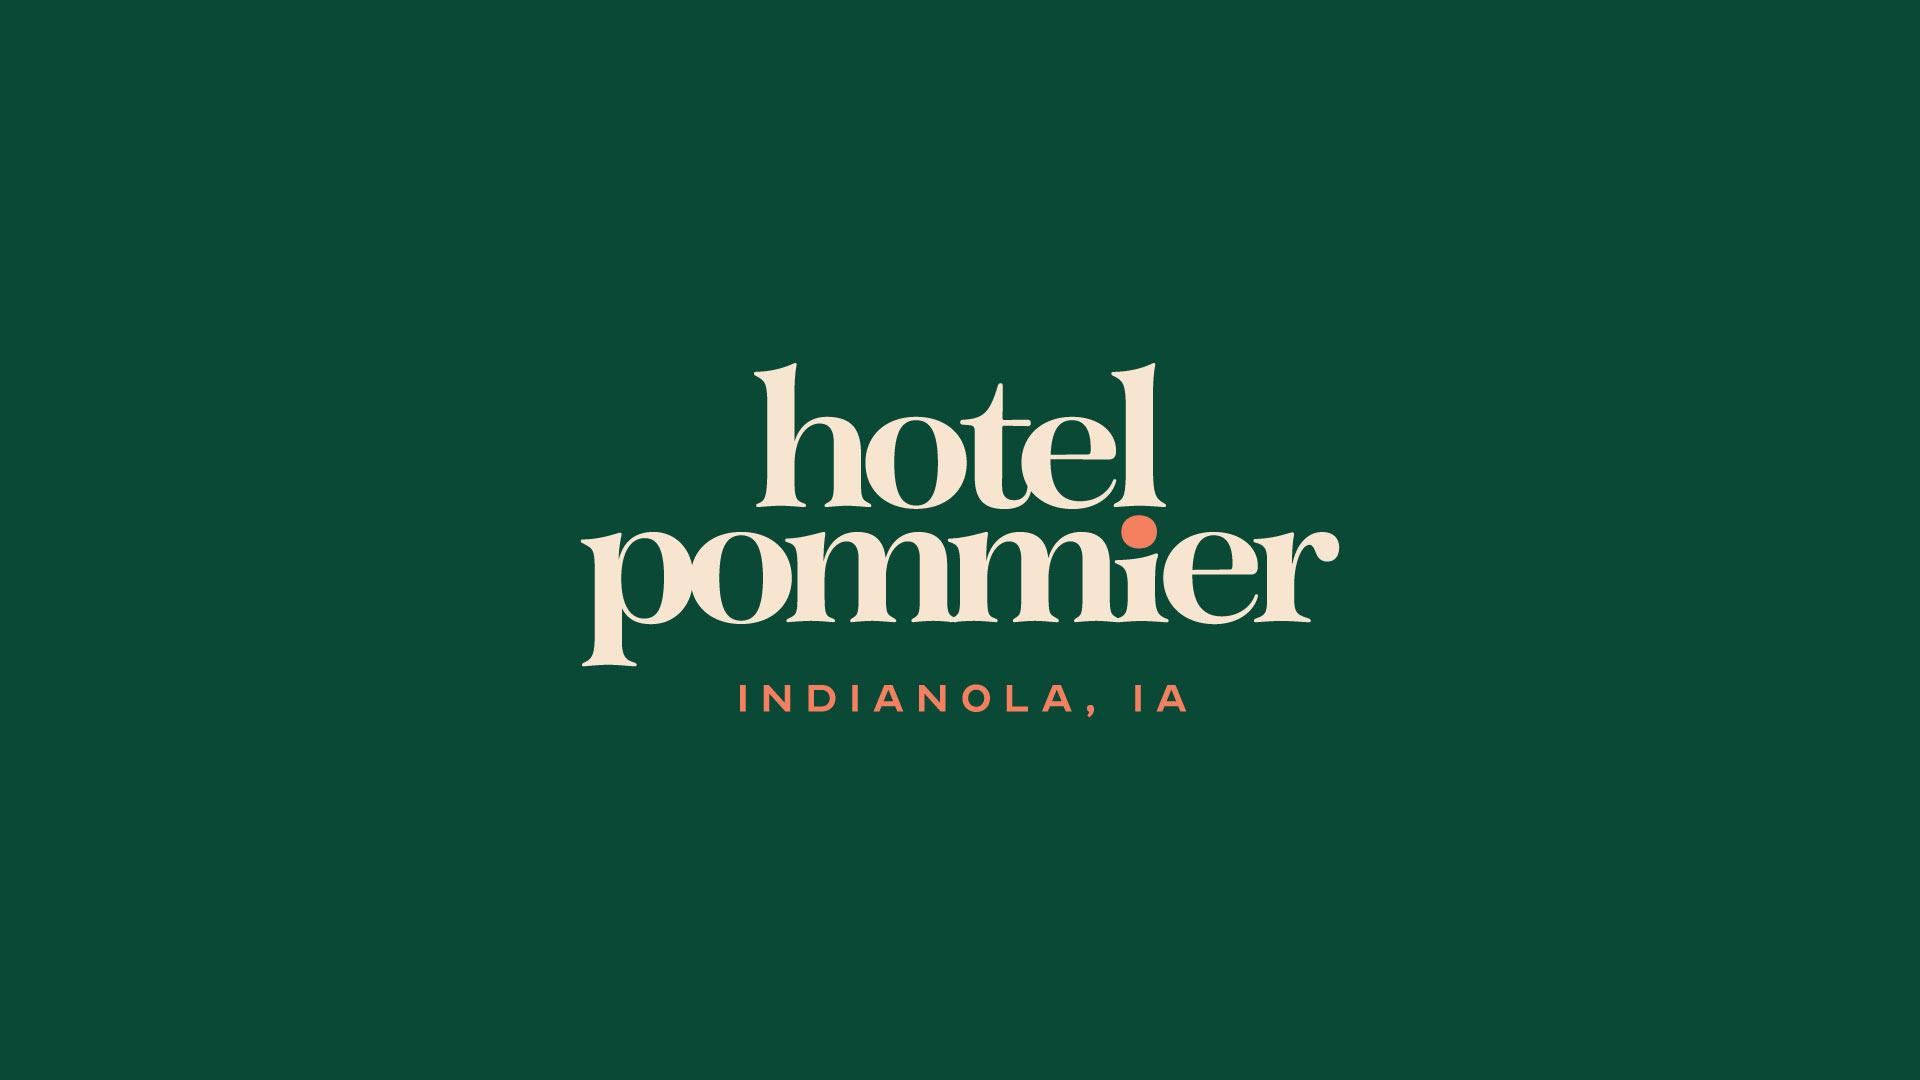 hotel-pommier-logo-primary